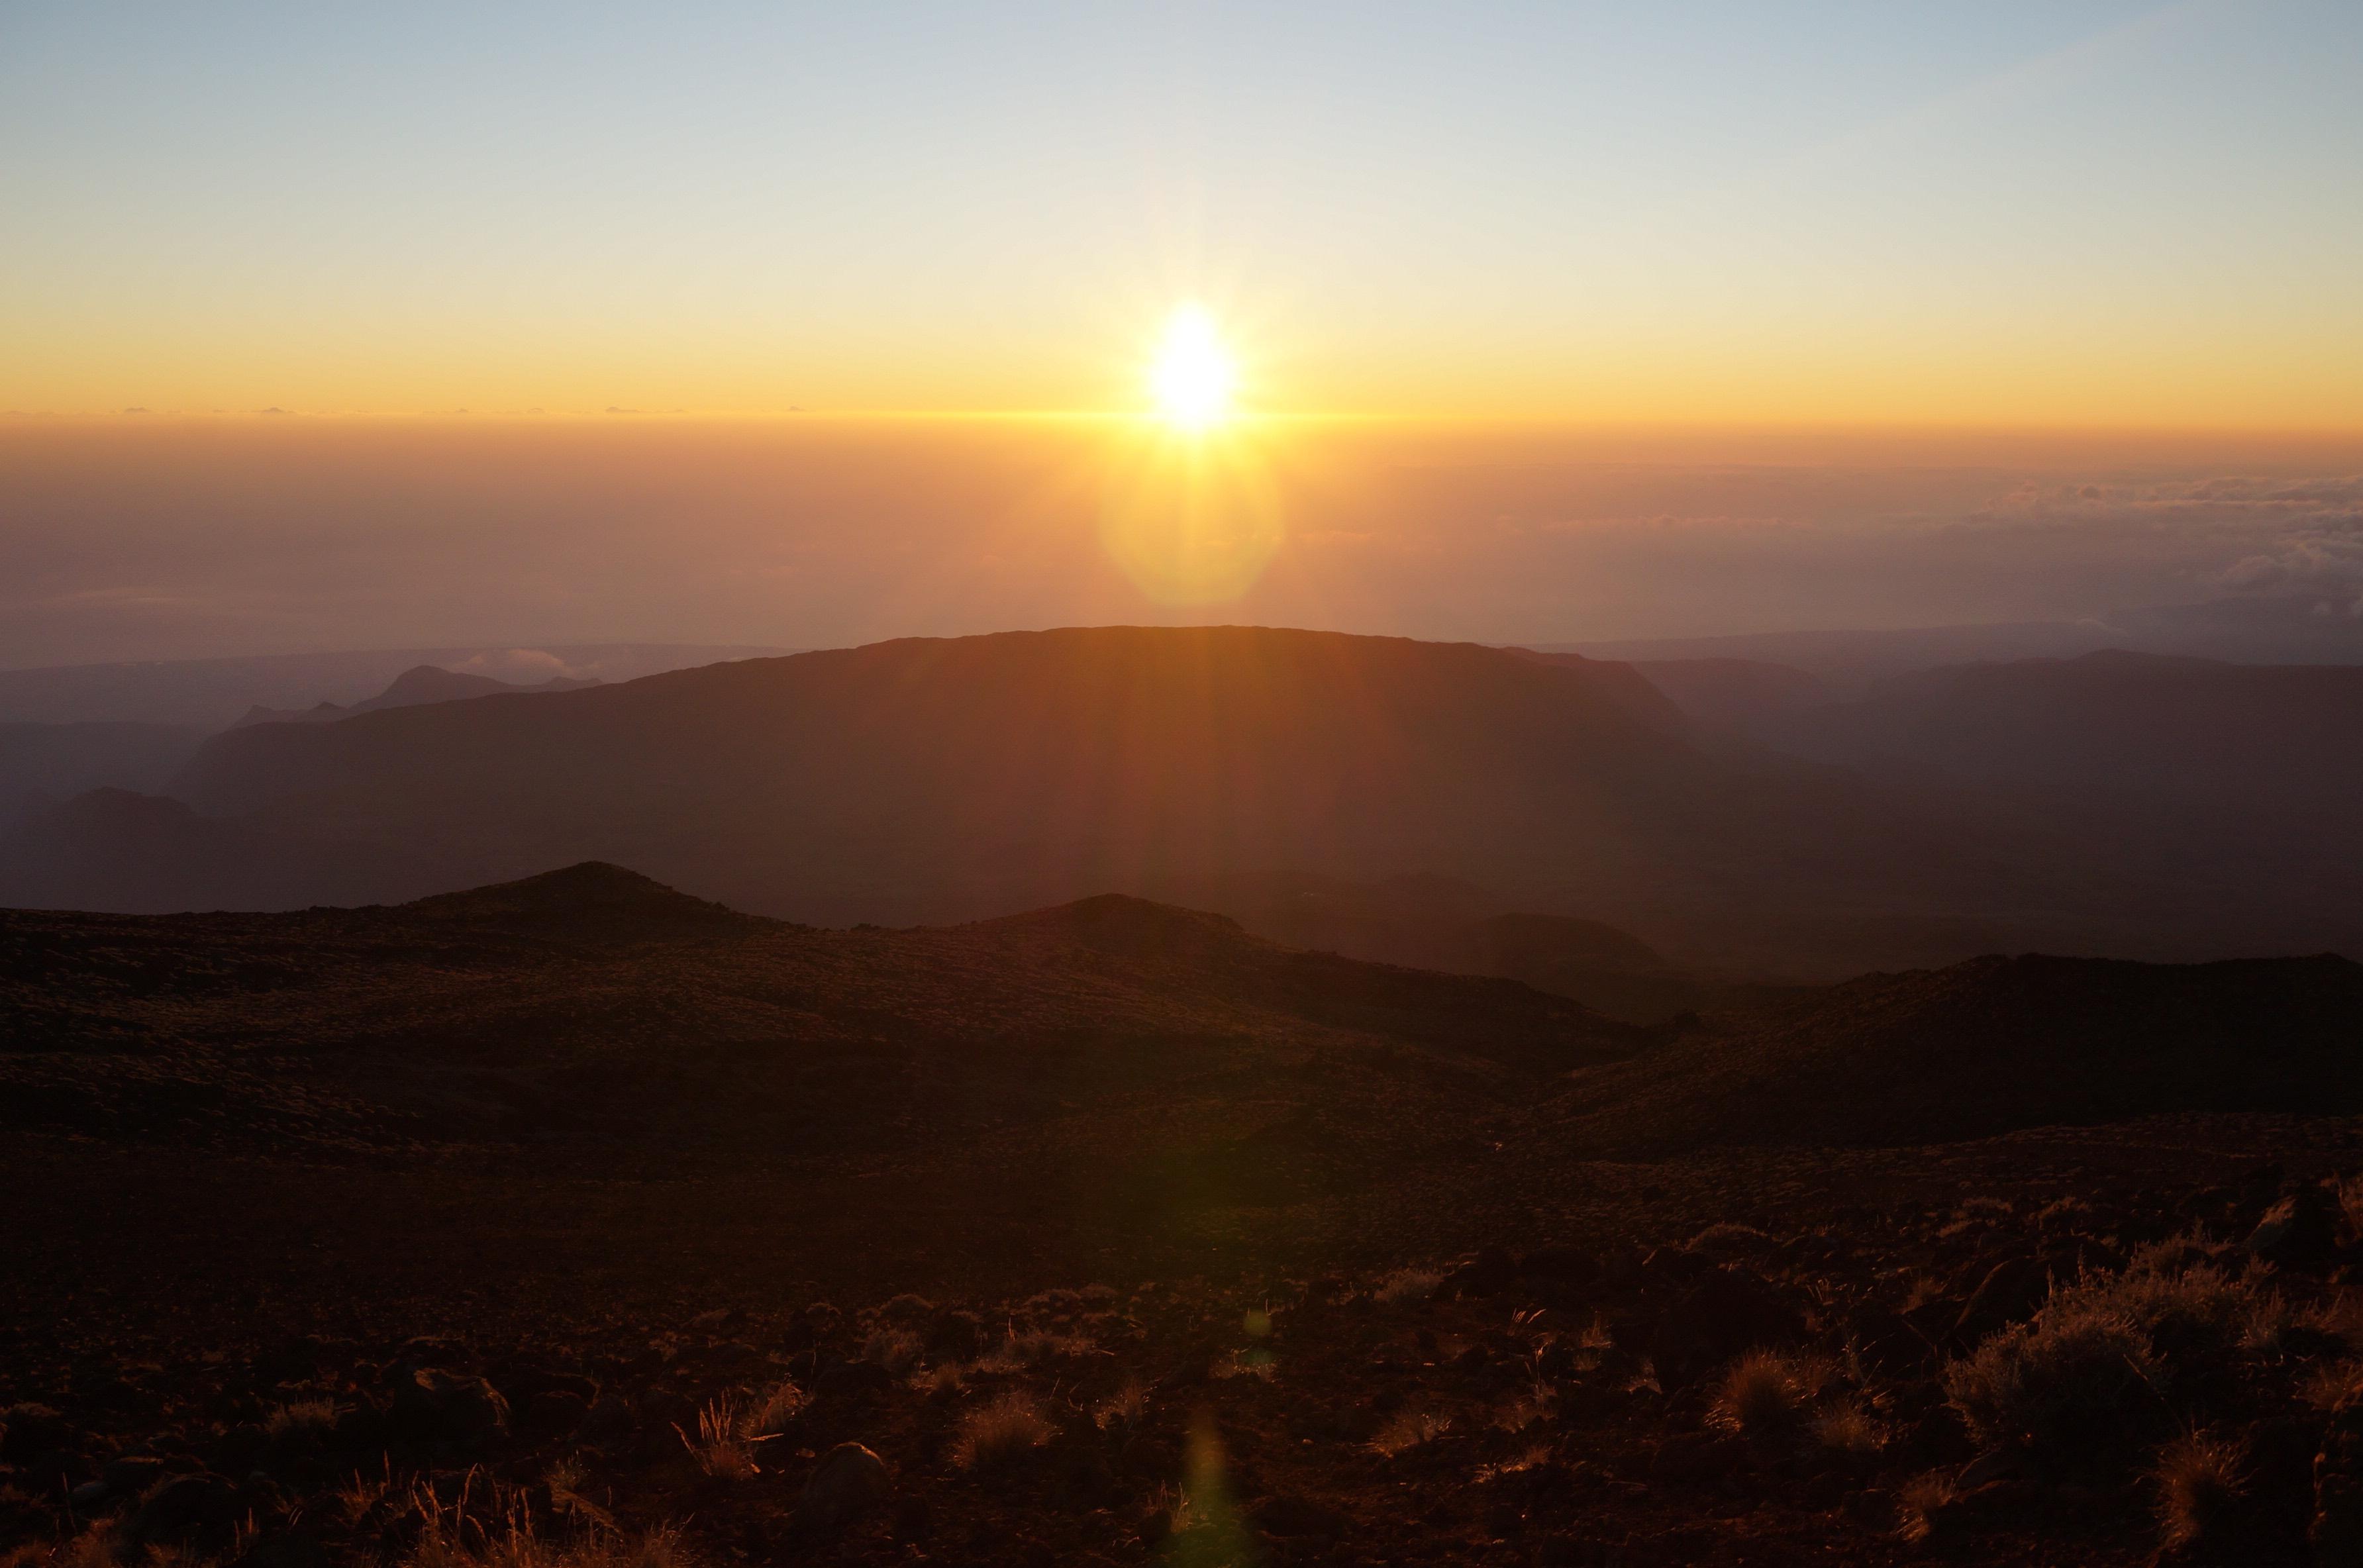 lever du soleil piton des neiges réunion